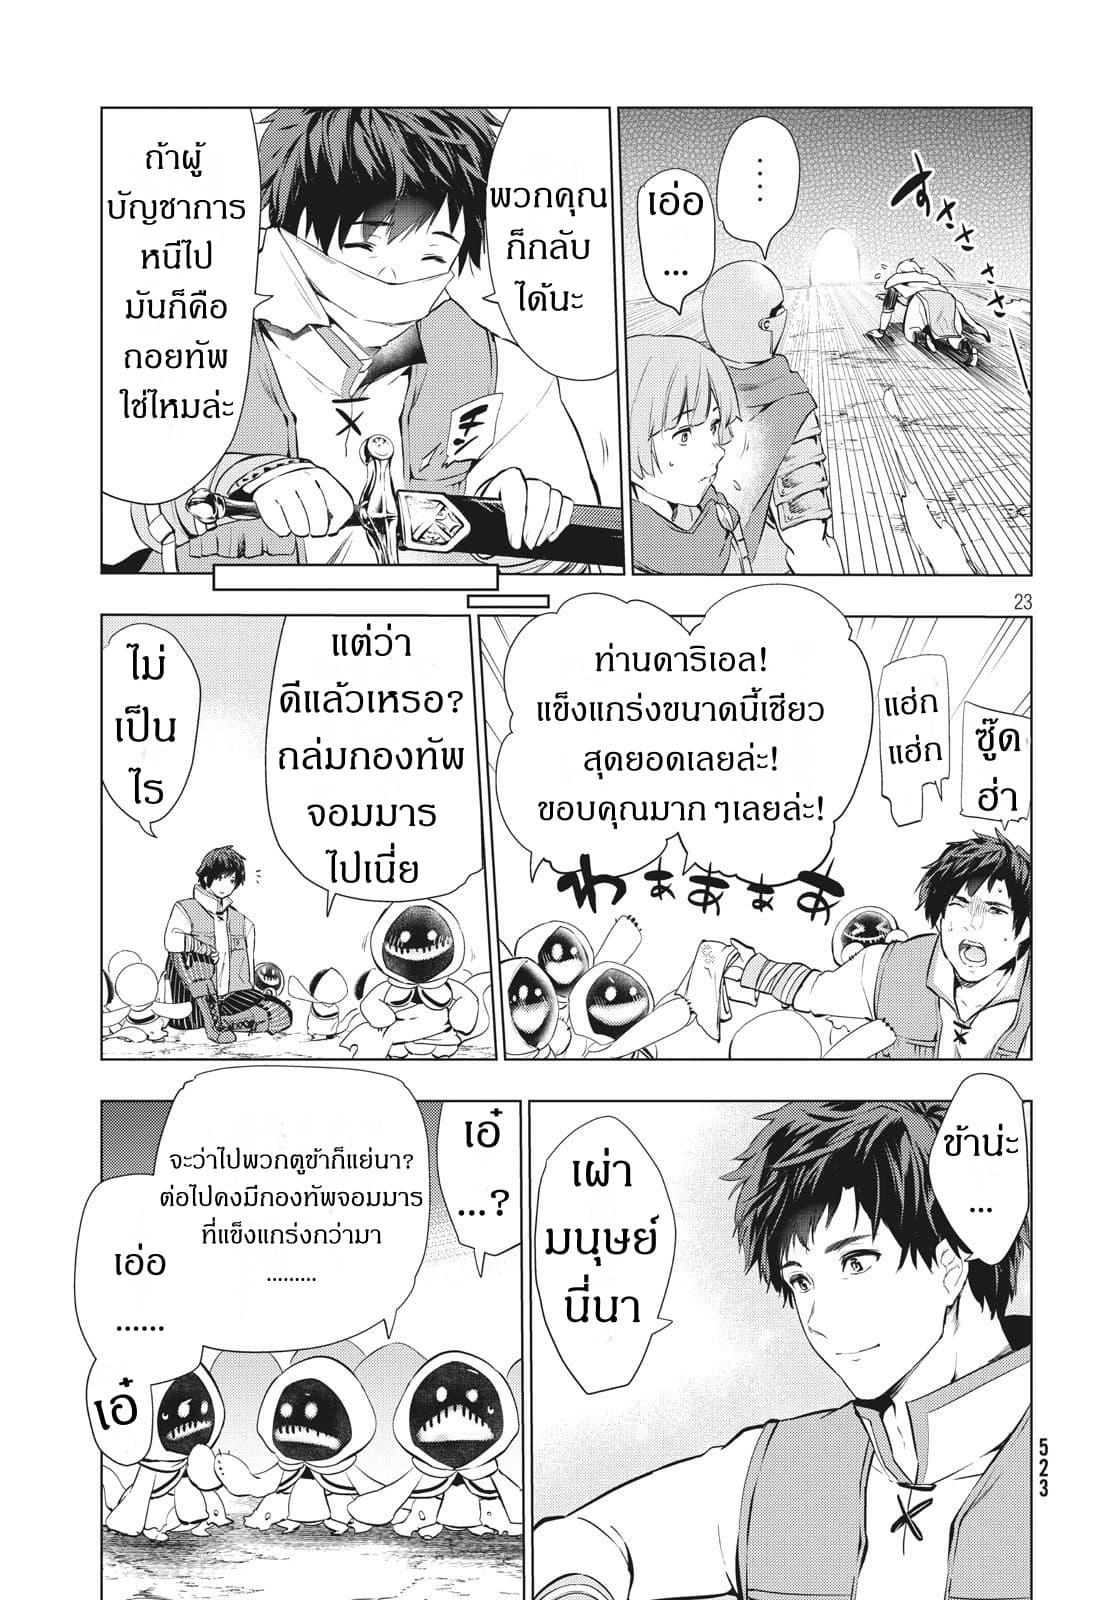 อ่านการ์ตูน Kaiko sareta Ankoku Heishi (30-dai) no Slow na Second ตอนที่ 6.2 หน้าที่ 5